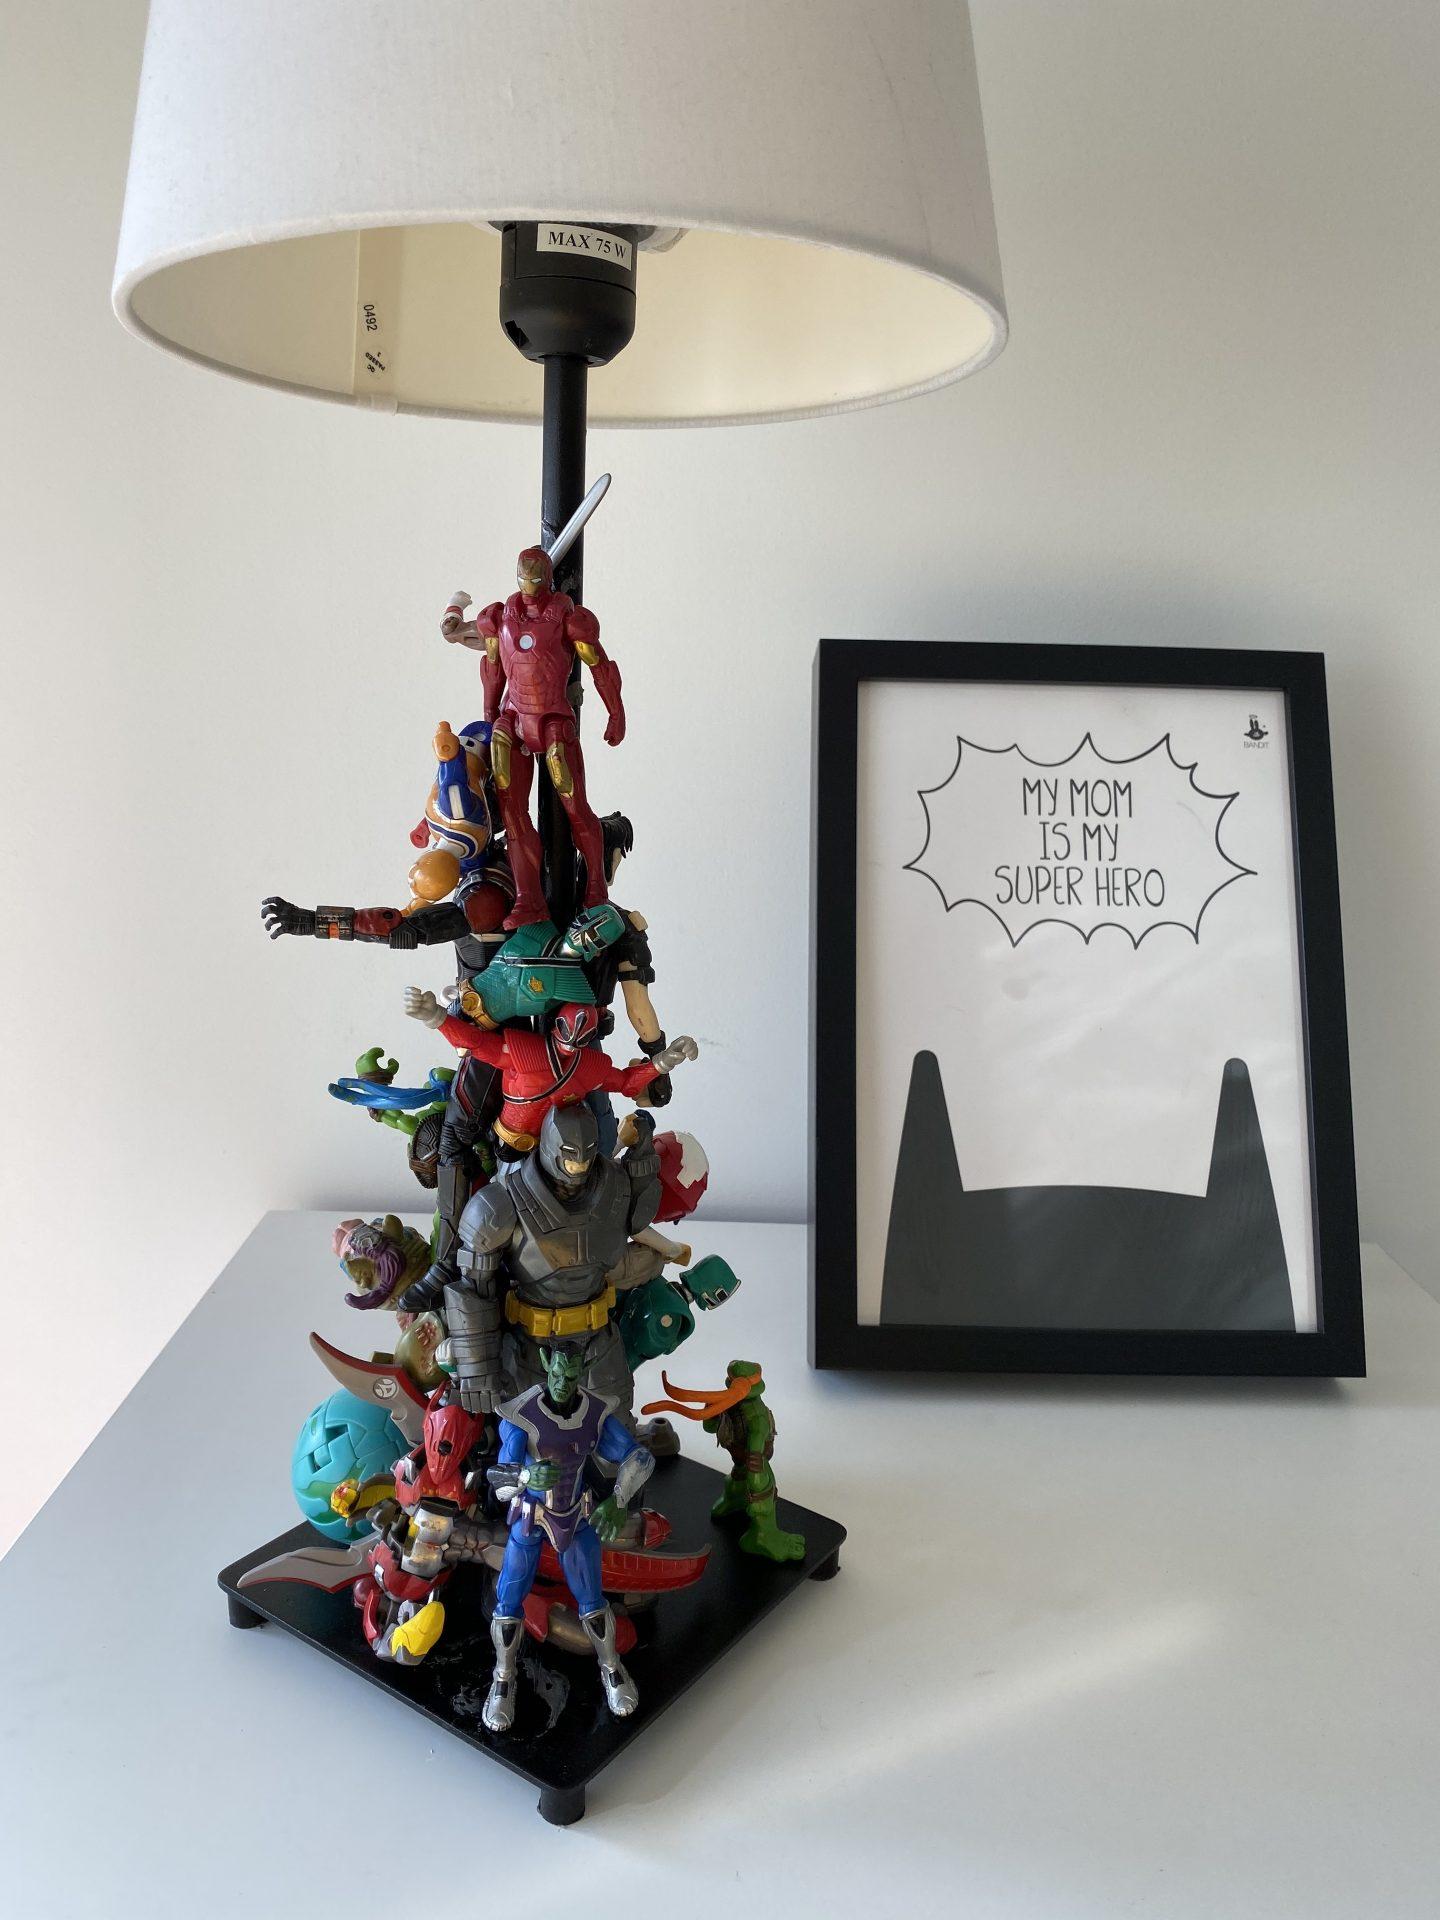 חדר גיבורי על קונסולה קואלה רהיטים שירי ויצנר בלוג חיפאית27